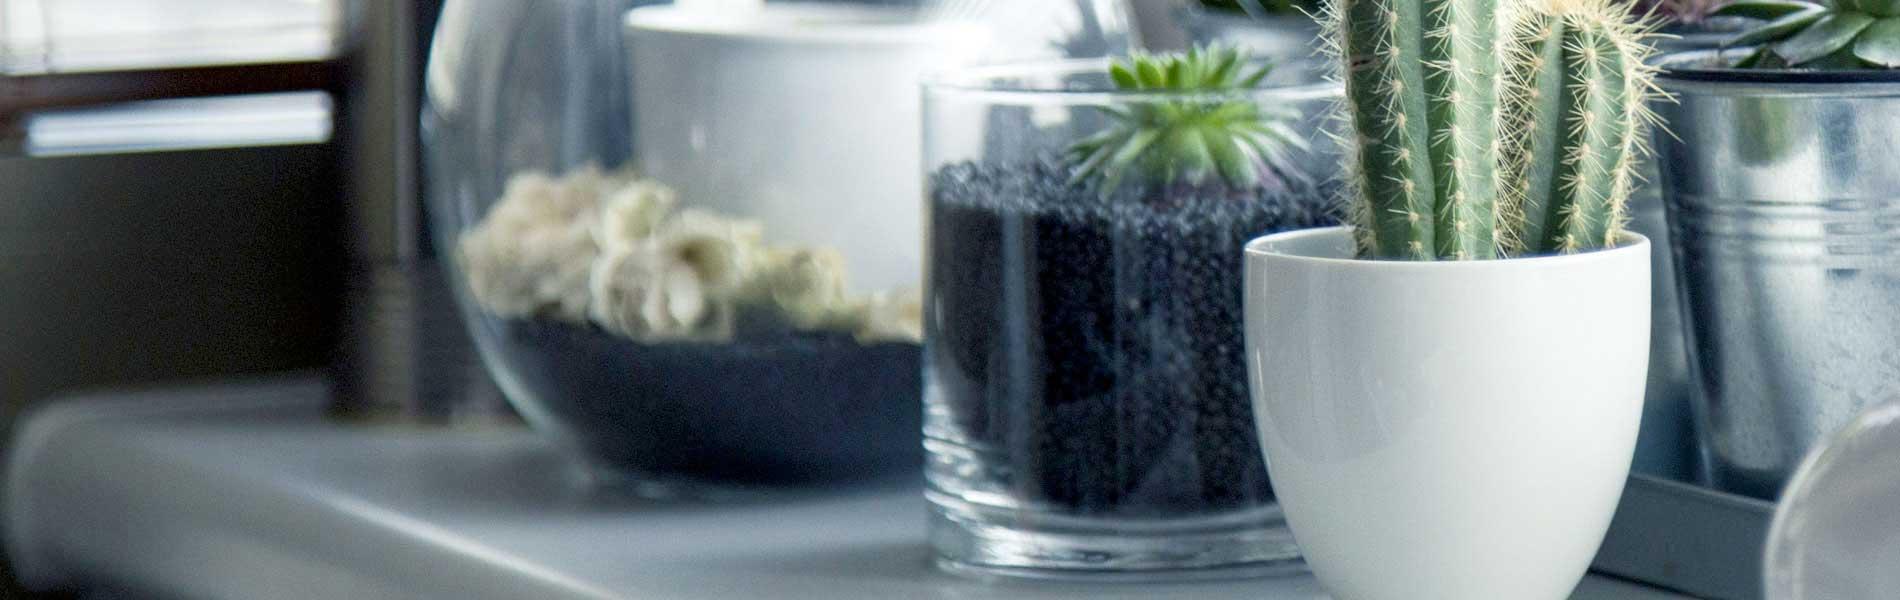 Terrario Per Piante Grasse come costruire un terrario con pochi materiali e un budget